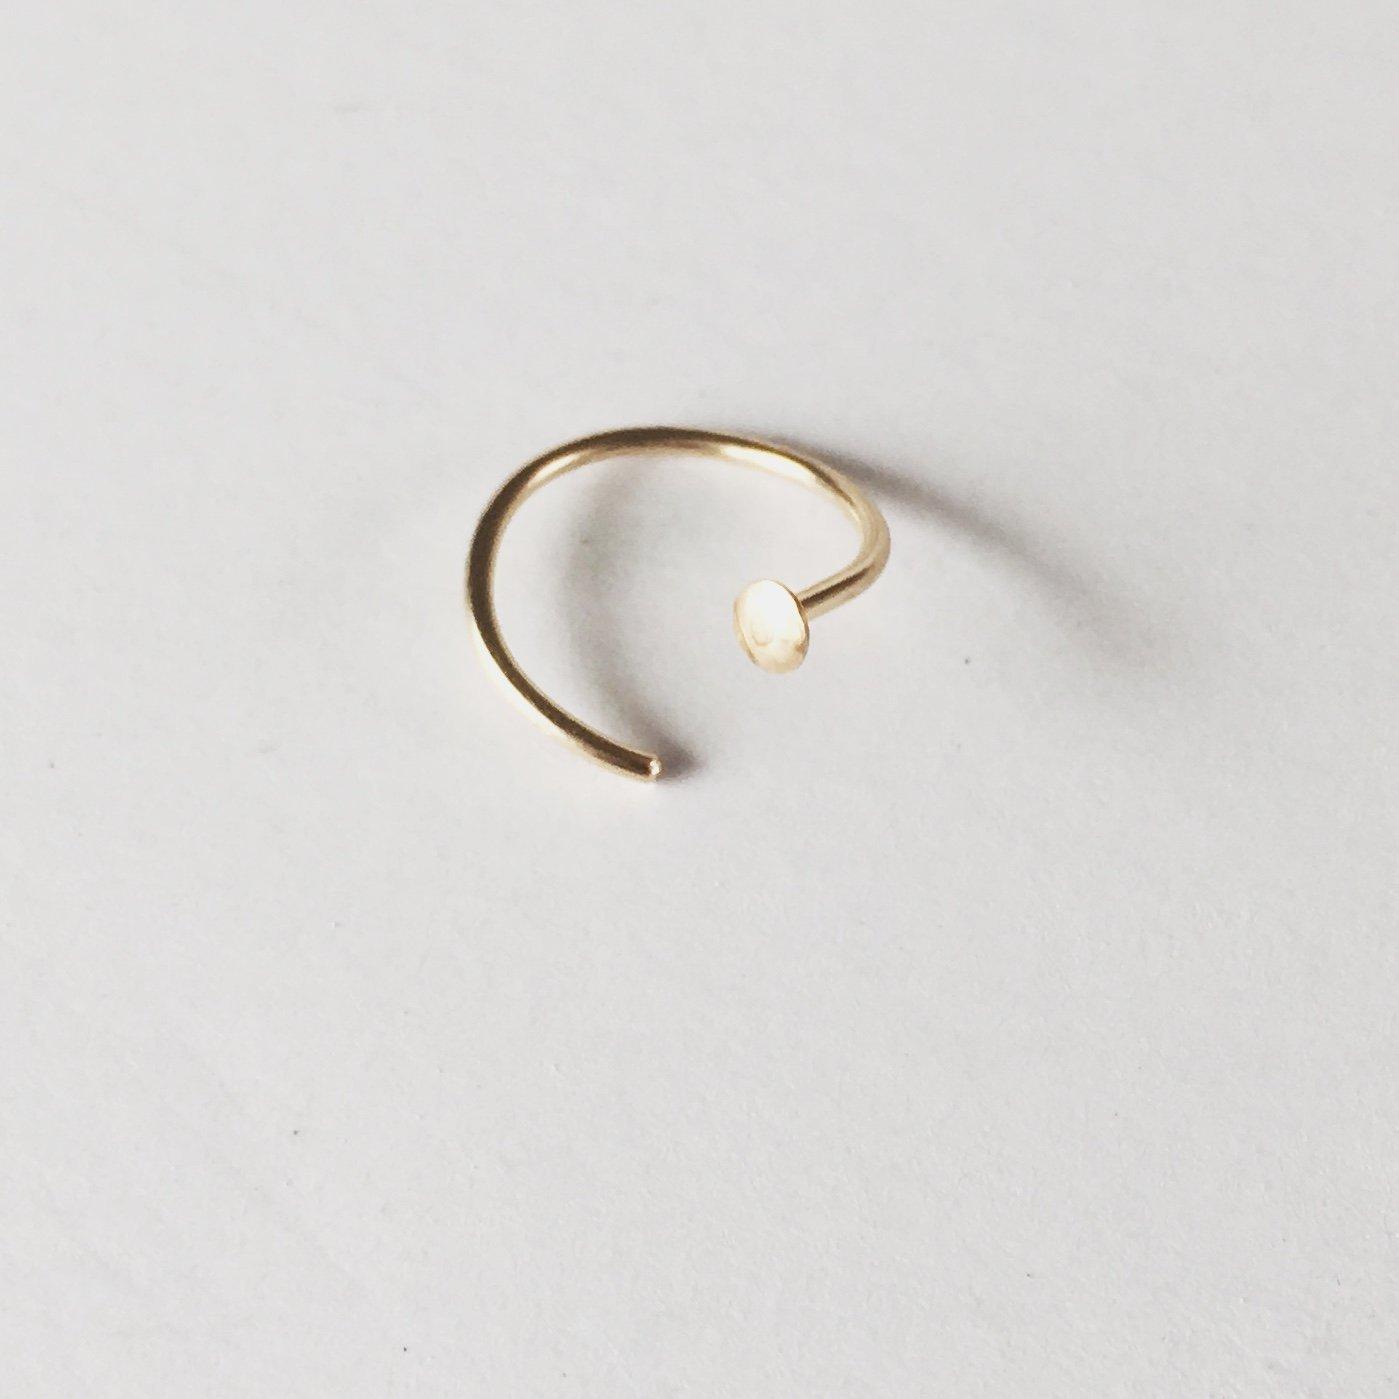 14k Gold Filled Adjustable Metal Hoop Nose ring - 20 Gauge 5mm-6mm